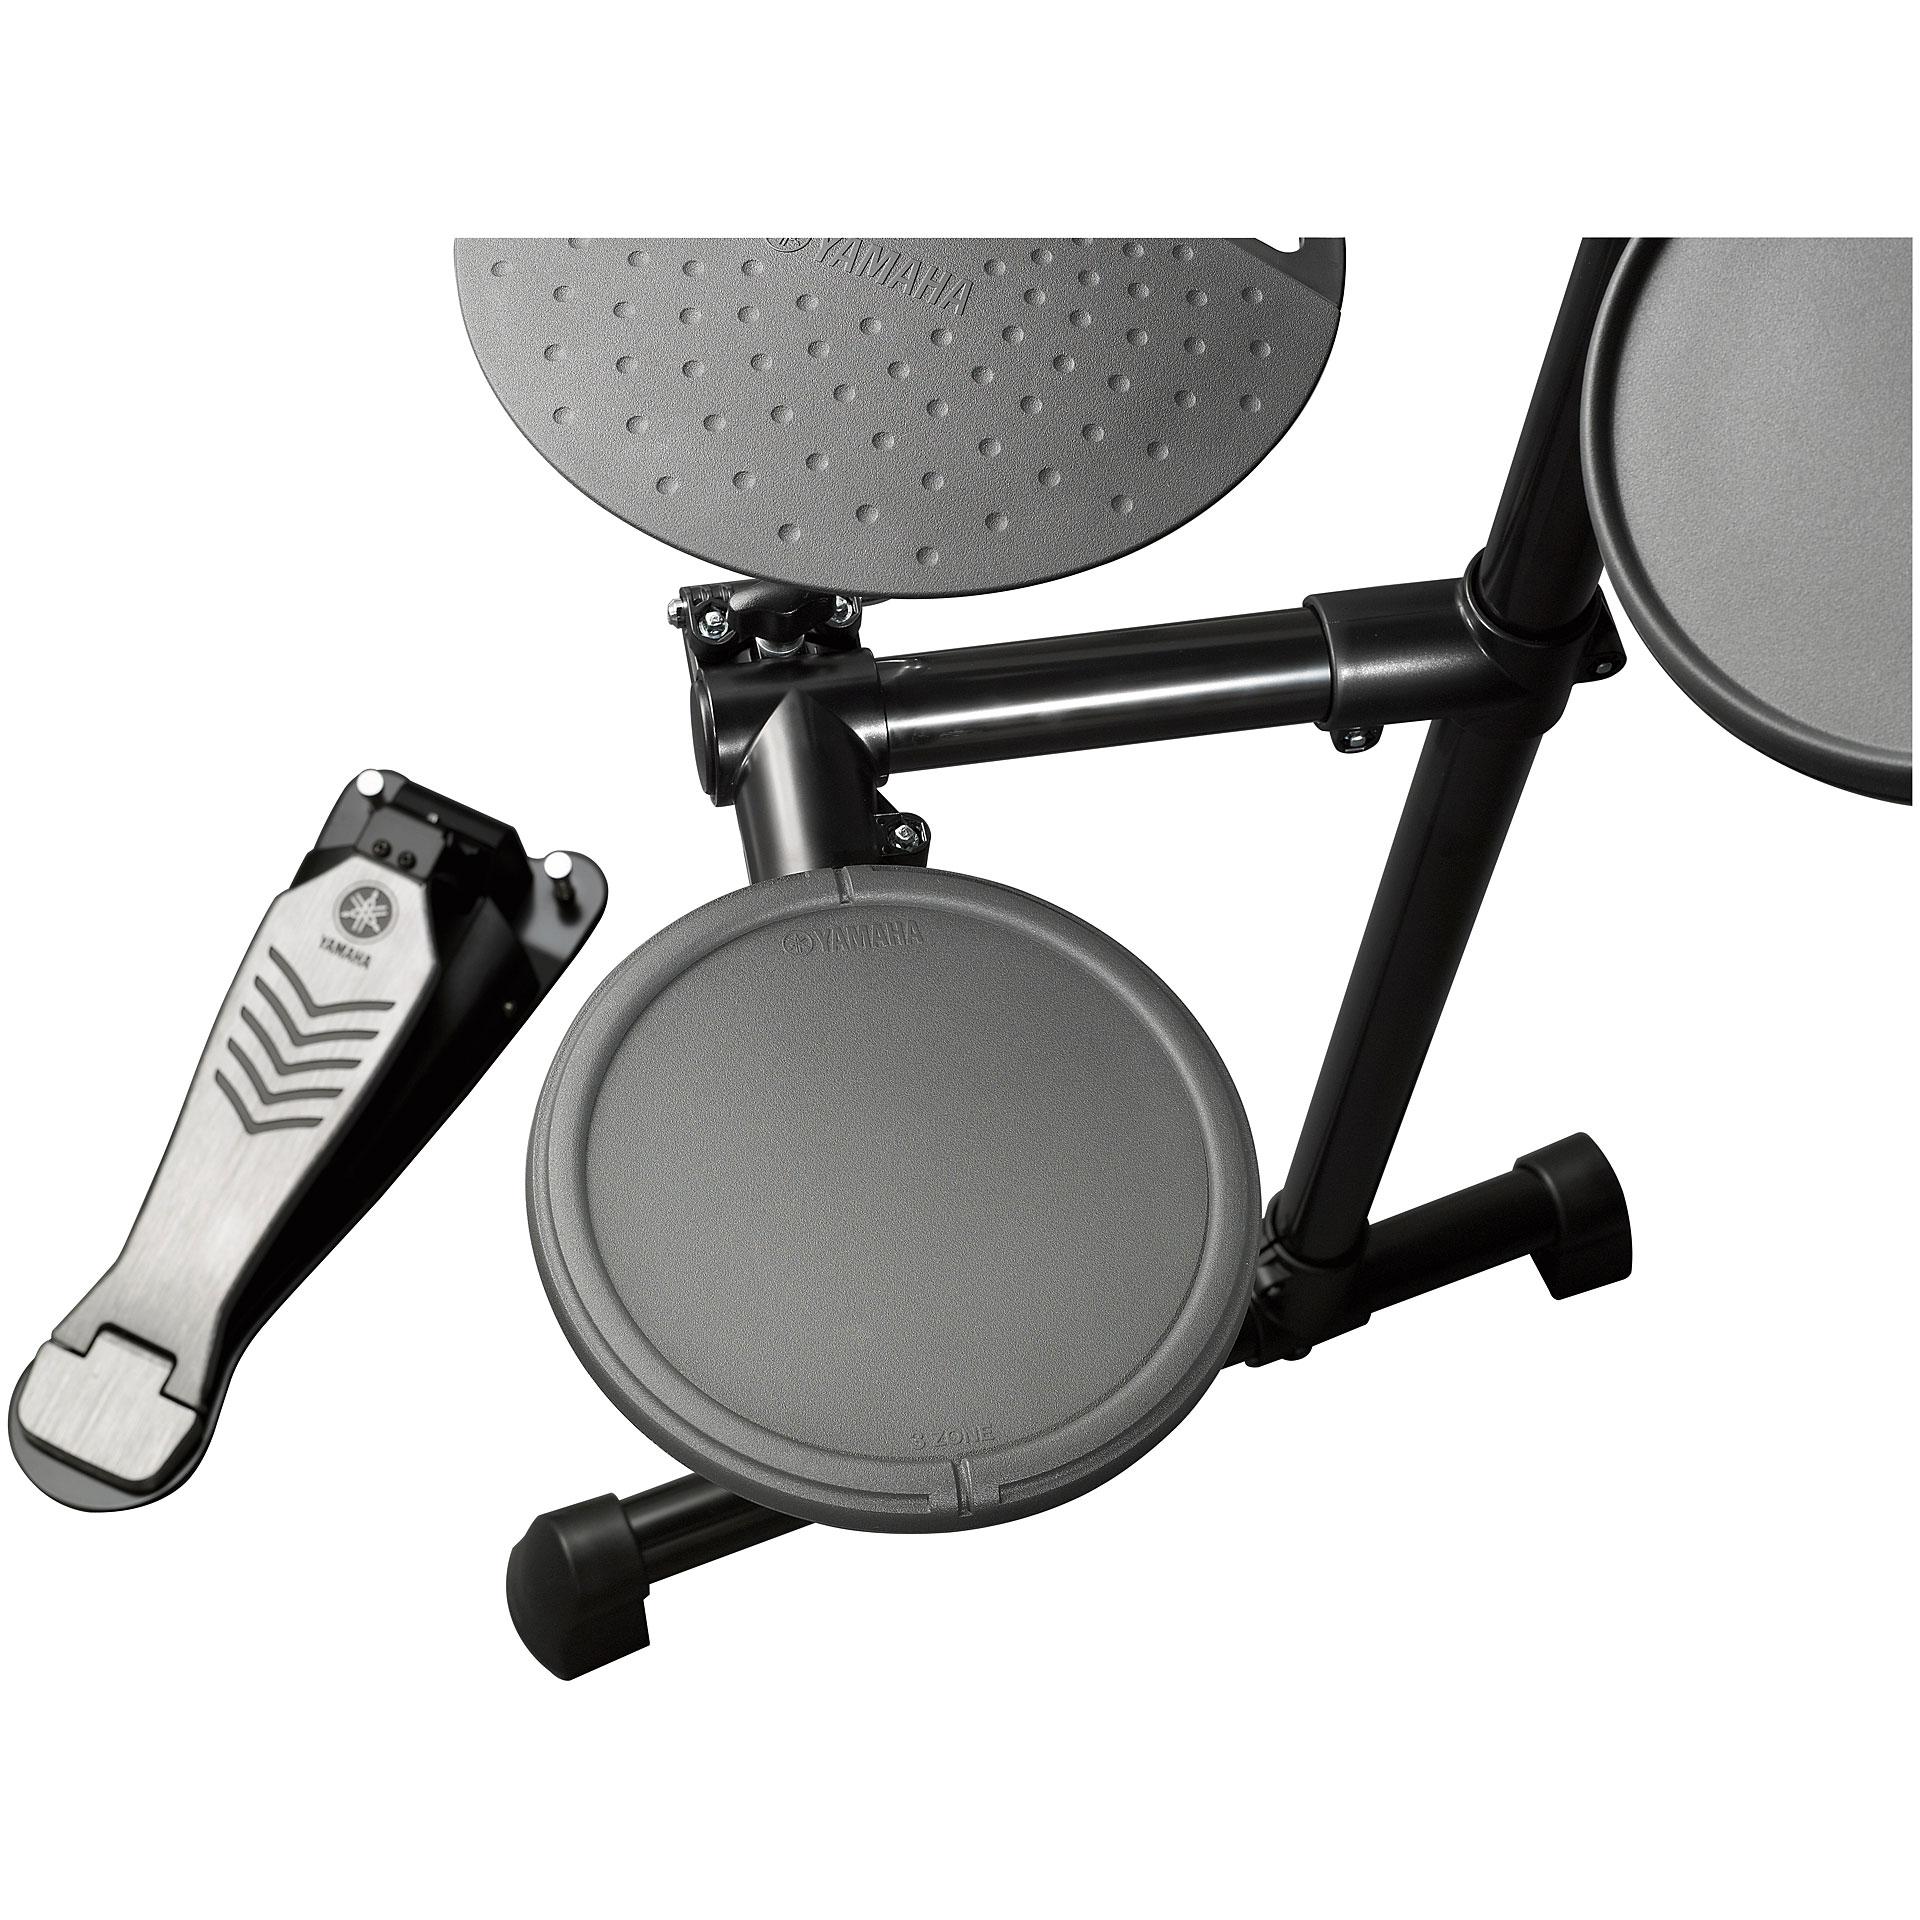 Yamaha dtx450k electronic drum kit for Yamaha dtx450k electronic drum set